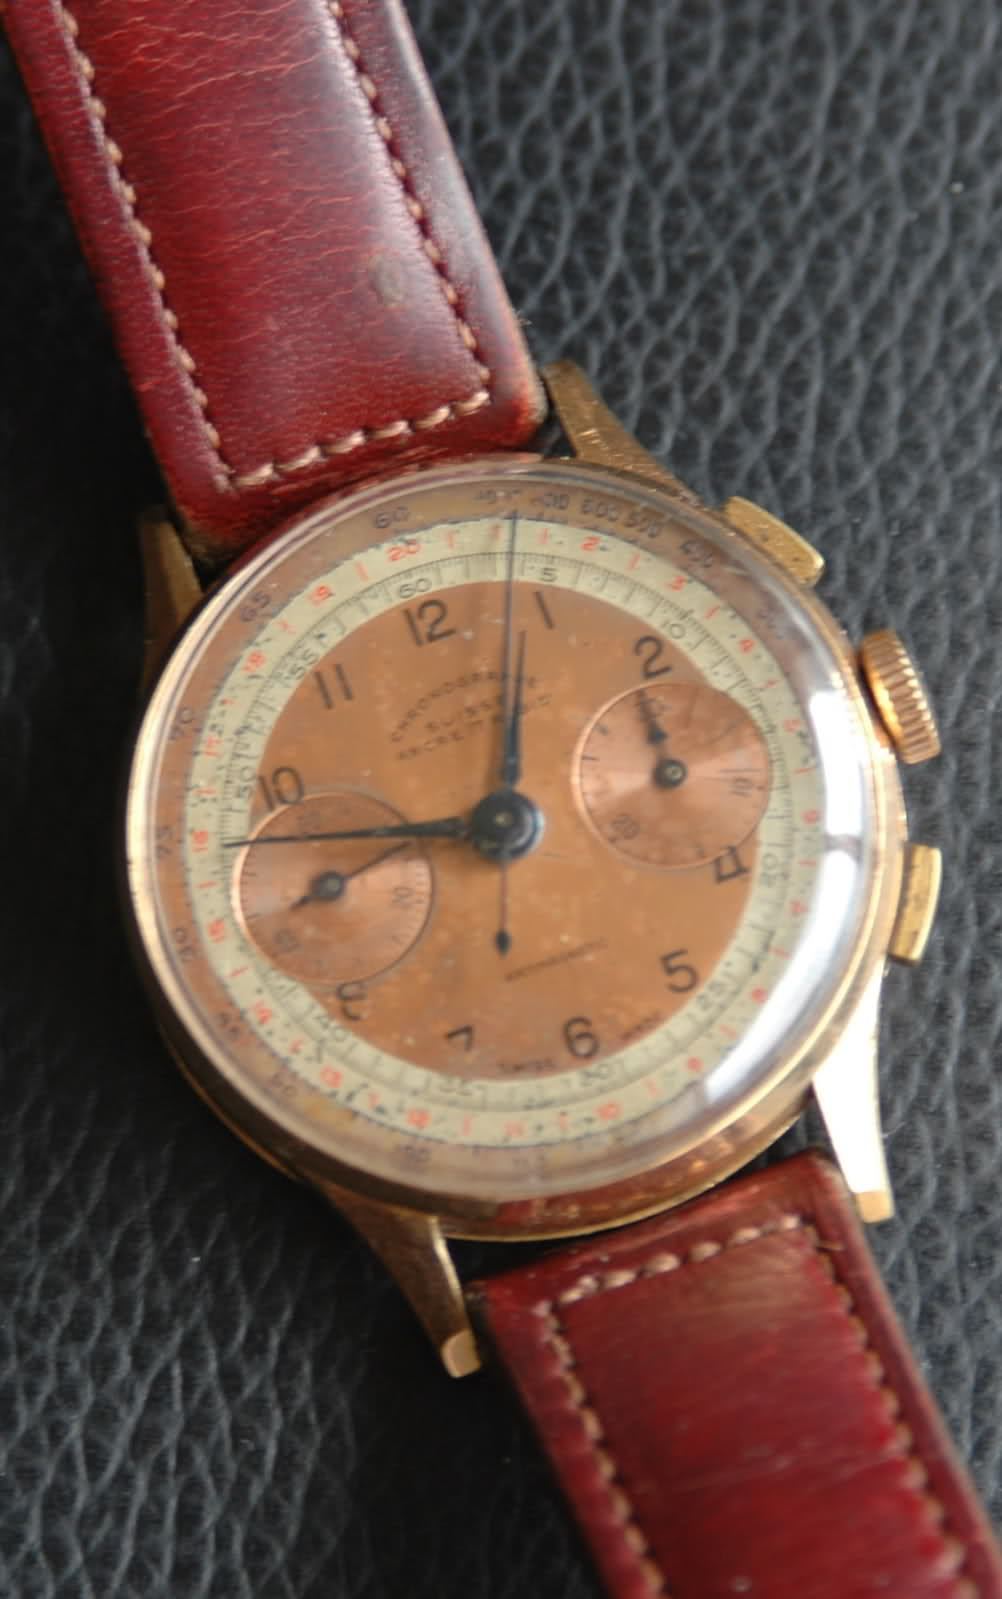 Une aide pour identifier cette montre chronographe... 166gpy